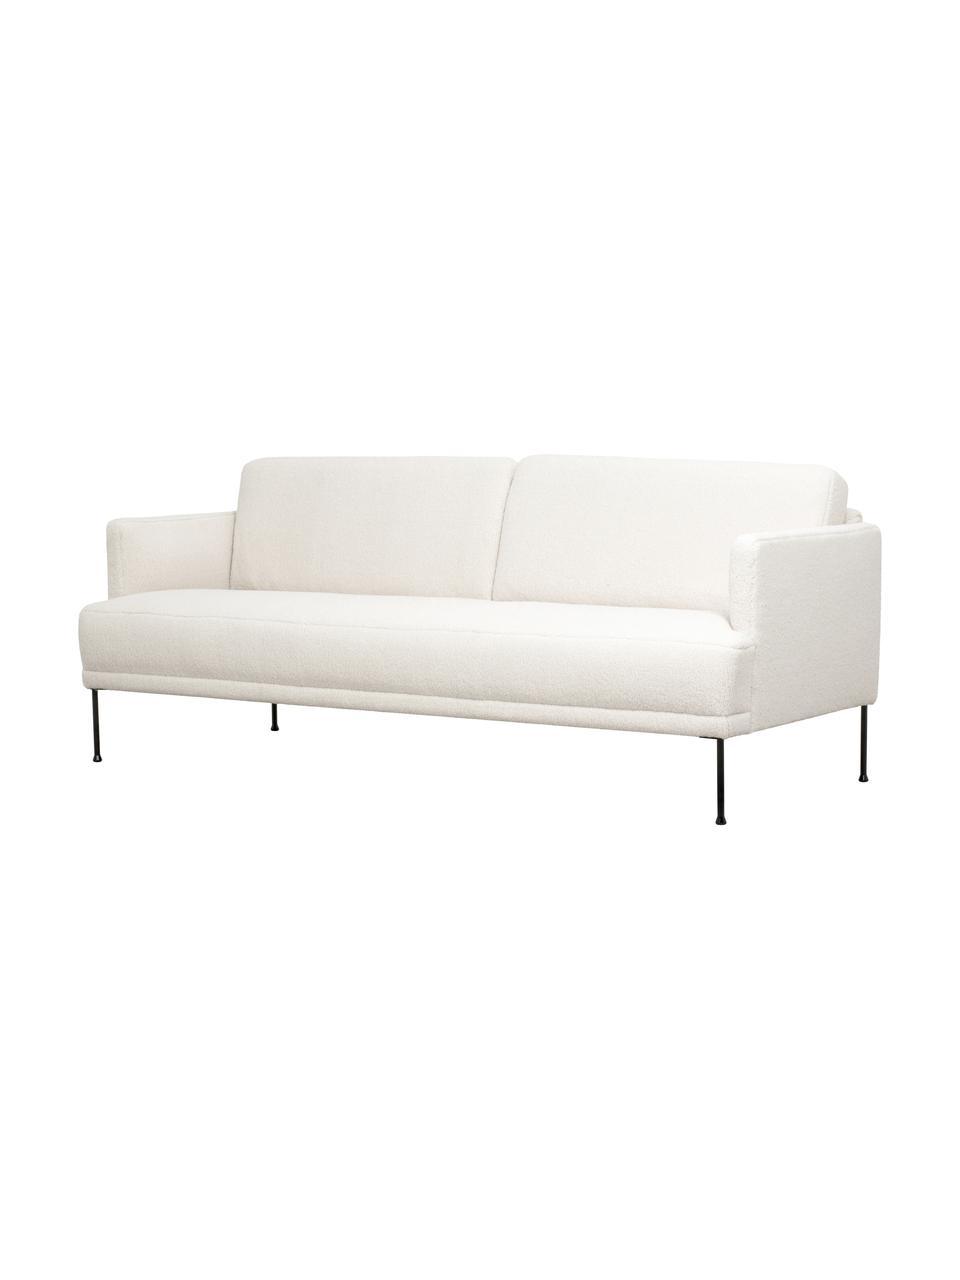 Canapé 3places peluche crème pieds en métal Fluente, Tissu blanc crème